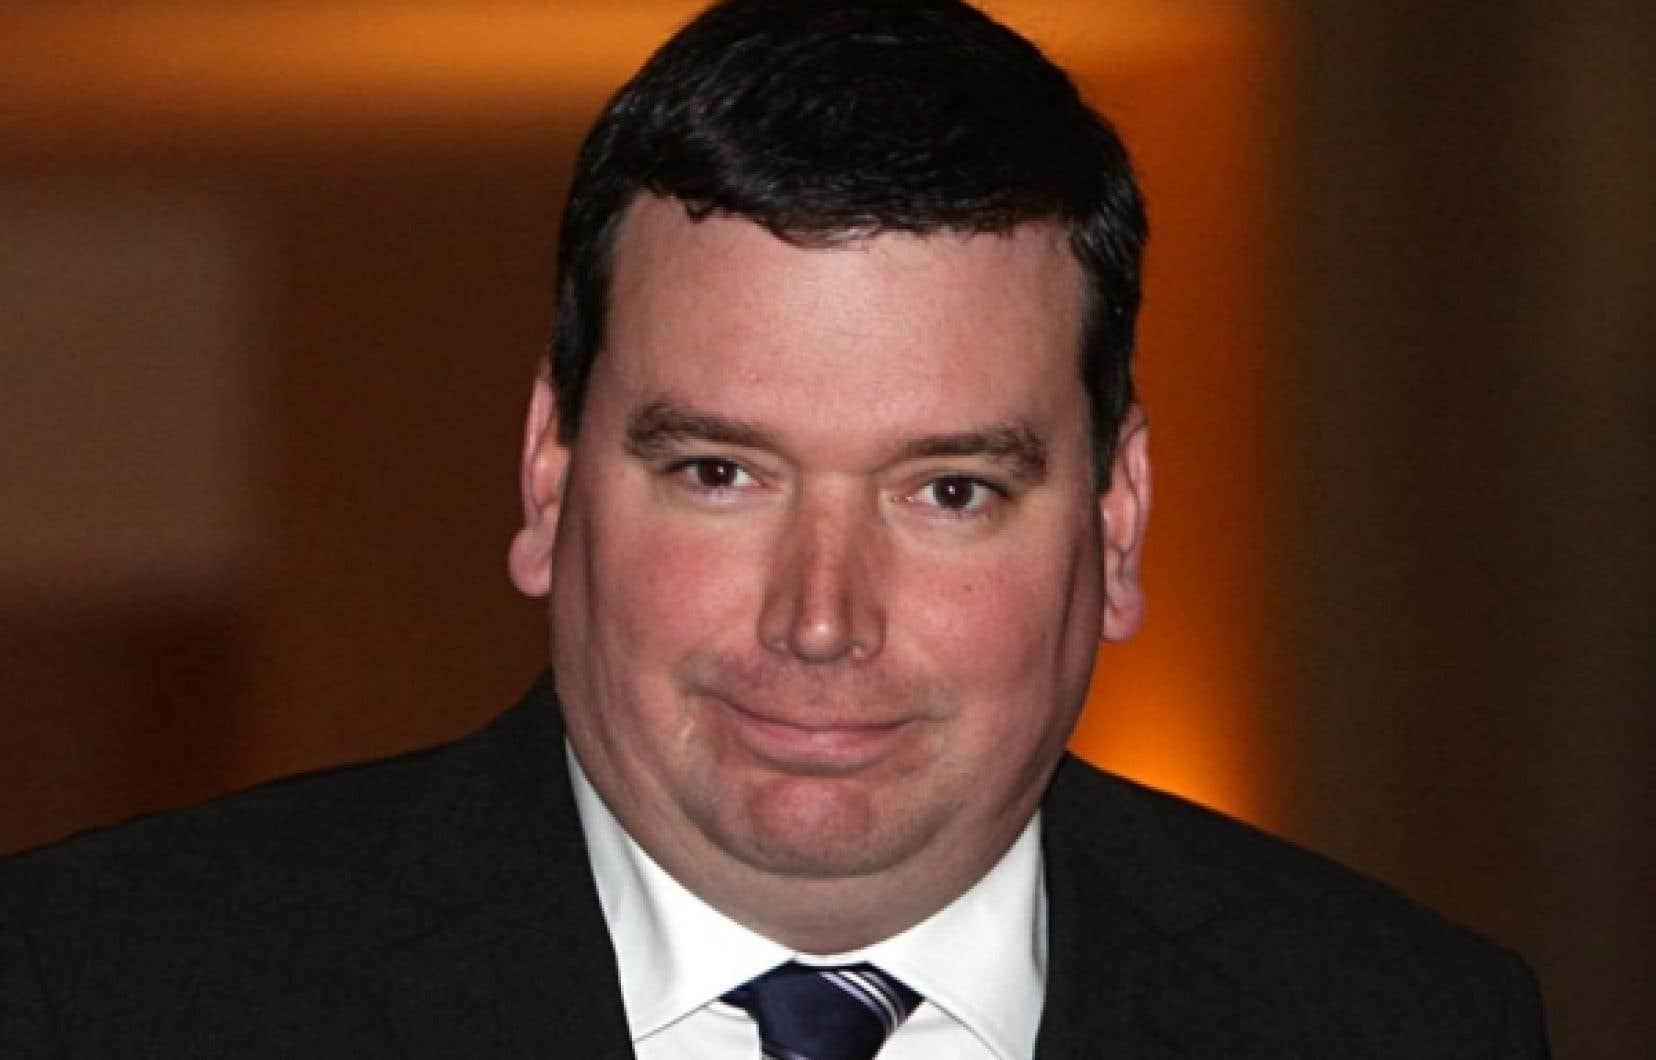 Le ministre Christian Paradis admet une erreur de jugement de son personnel